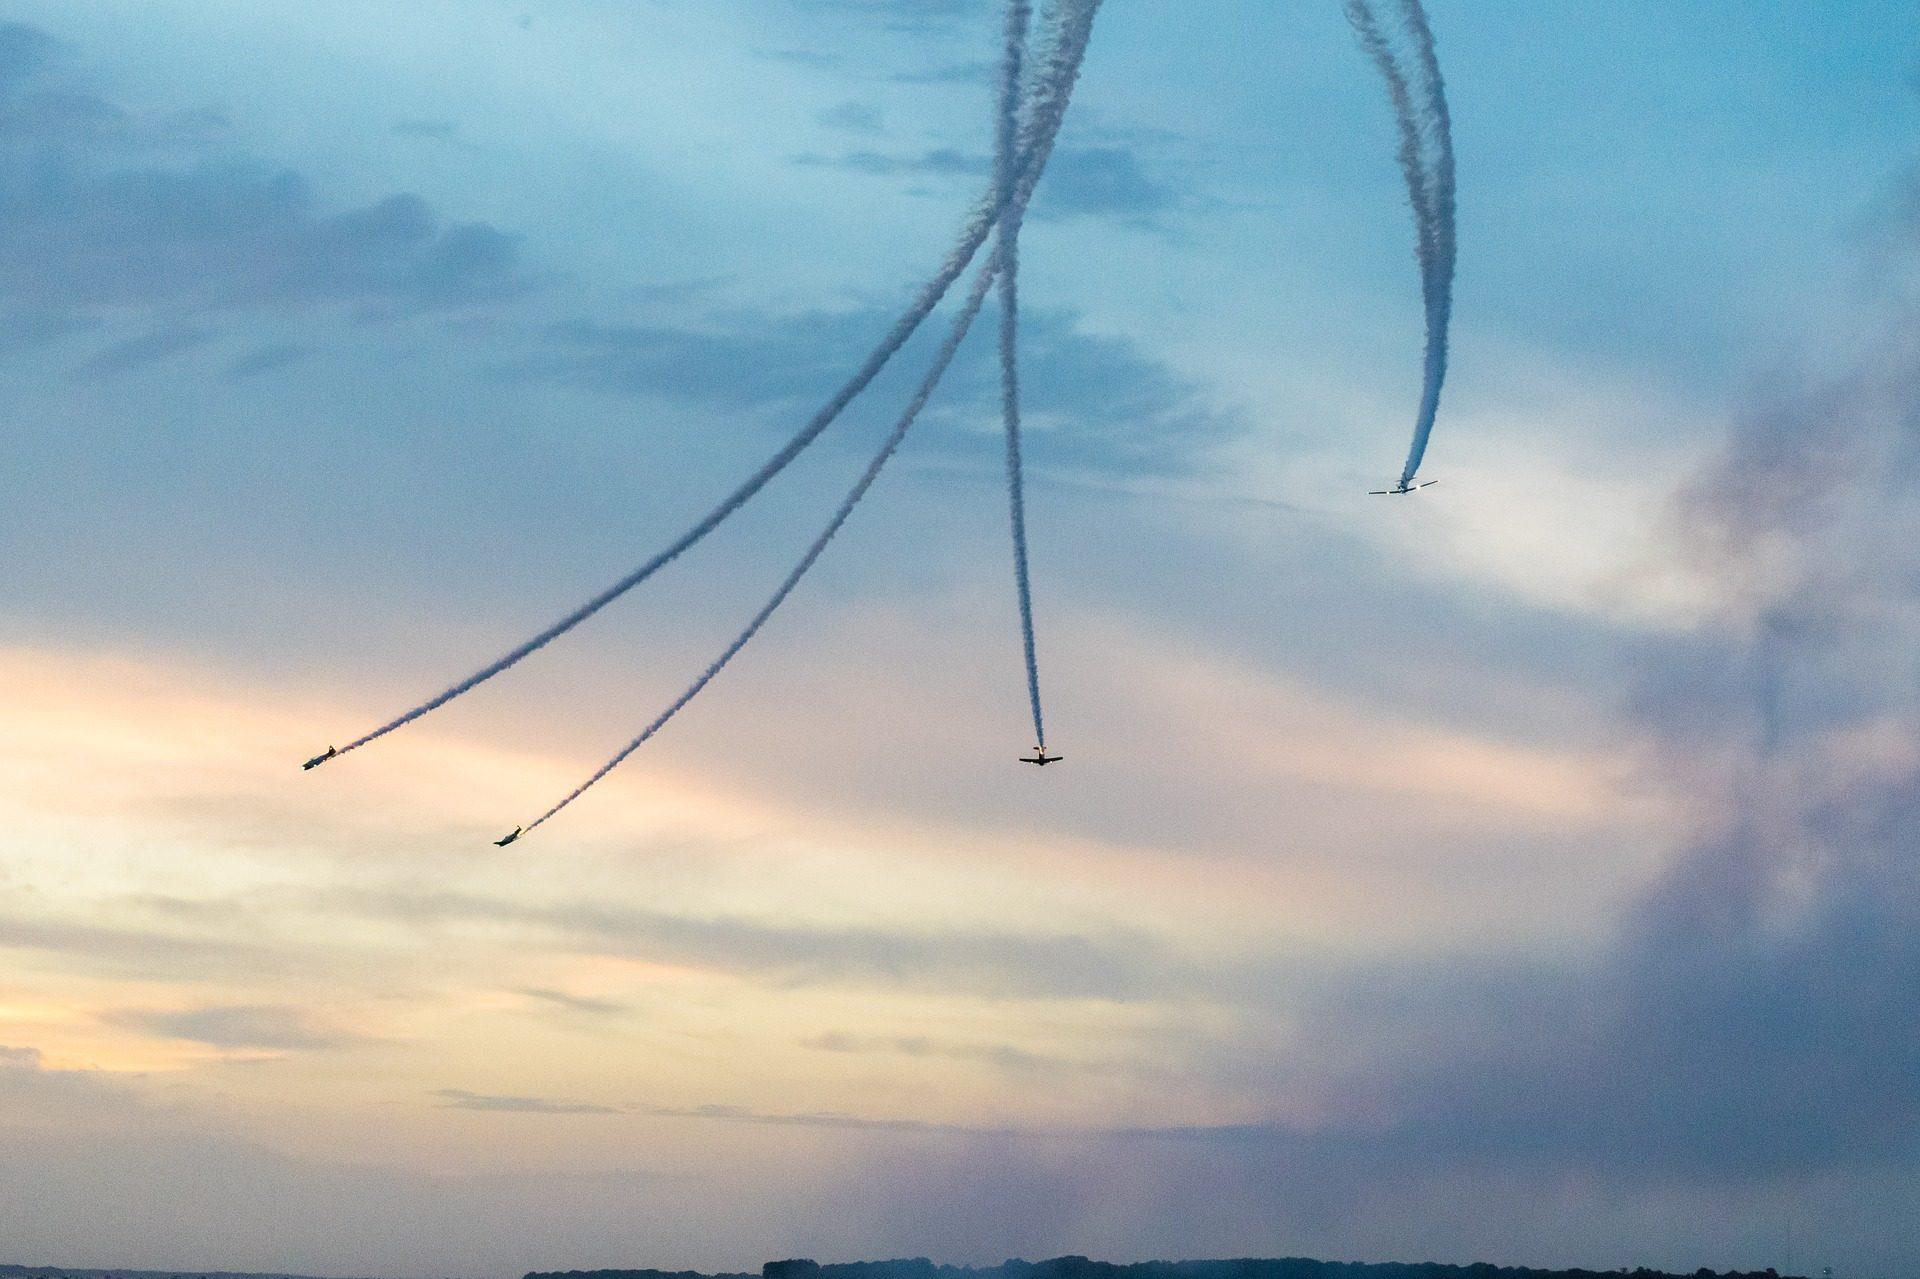 飞机, 石柱, 天空, 显示, 轻型飞机, 云彩 - 高清壁纸 - 教授-falken.com